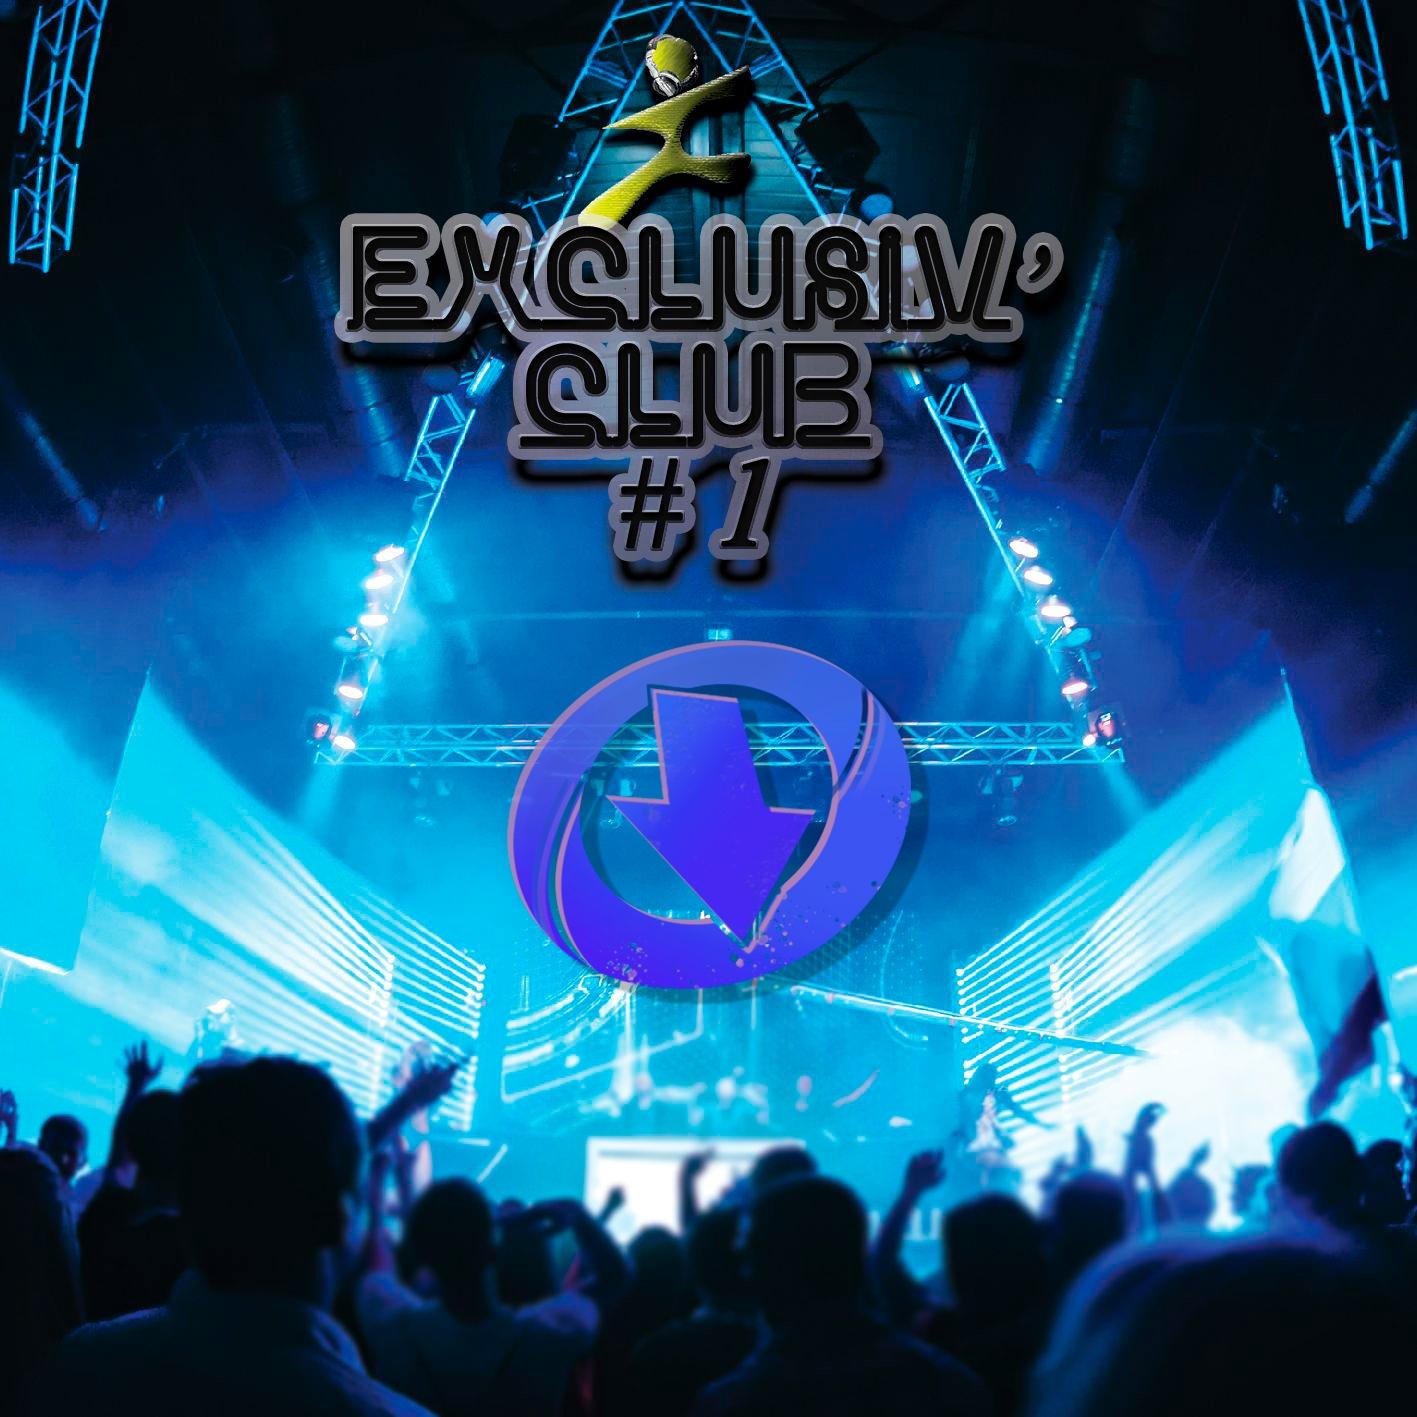 EXCLUSIV' CLUB # 1 – Téléchargement Numérique – Aquagym